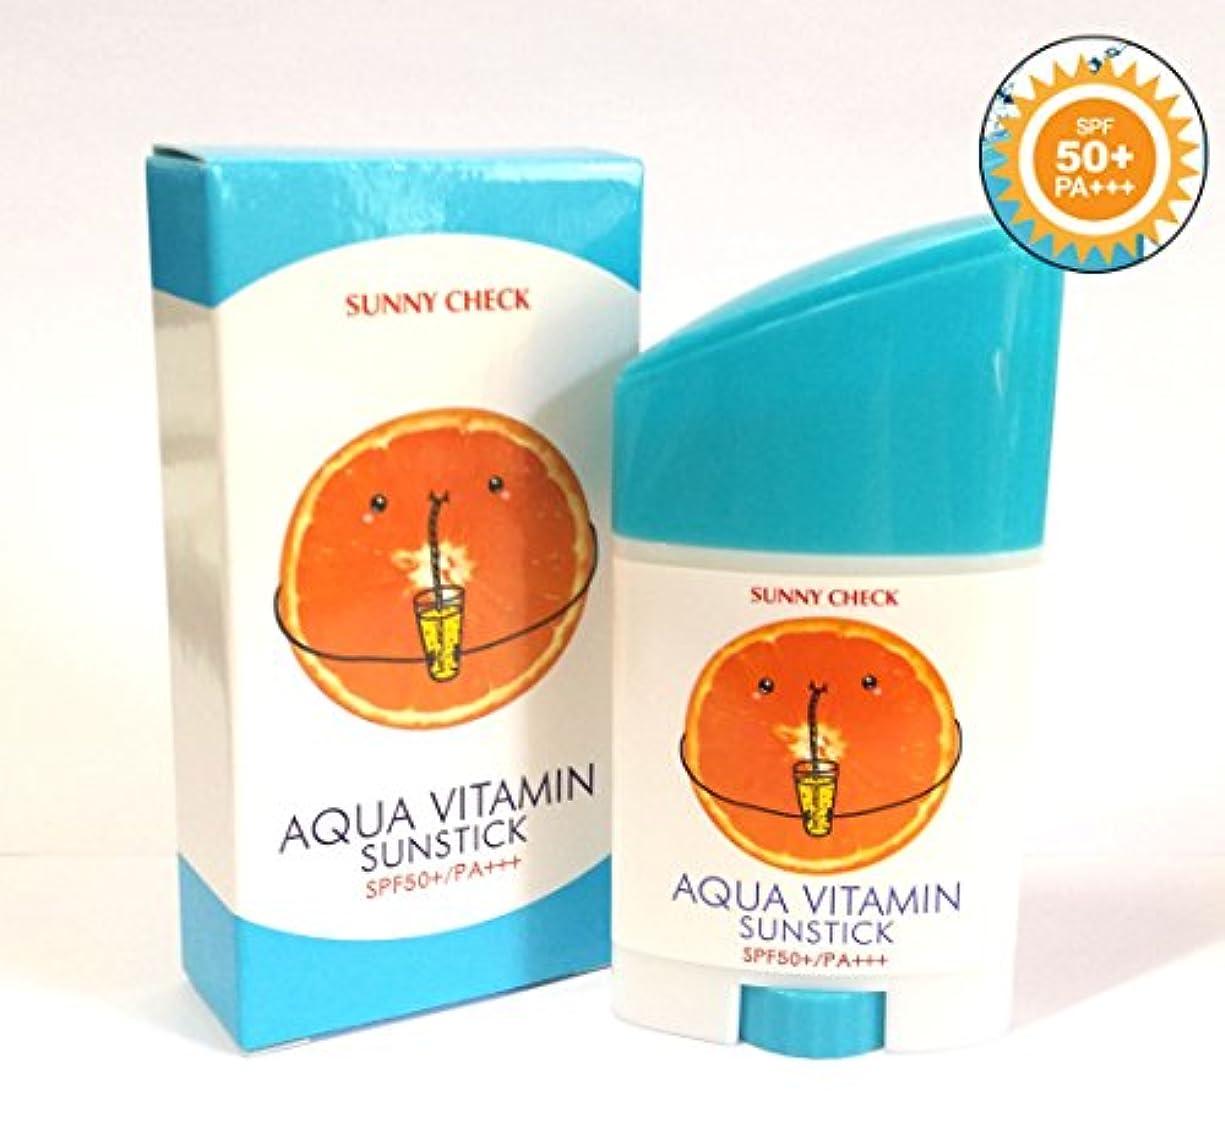 バスルームコウモリ雰囲気[Sunny Check] アクアビタミンサンスティックSPF50 + PA +++ 26g(0.9oz)/UVプロテクション/韓国化粧品/Aqua Vitamin Sun Stick SPF50+ PA+++ 26g(...